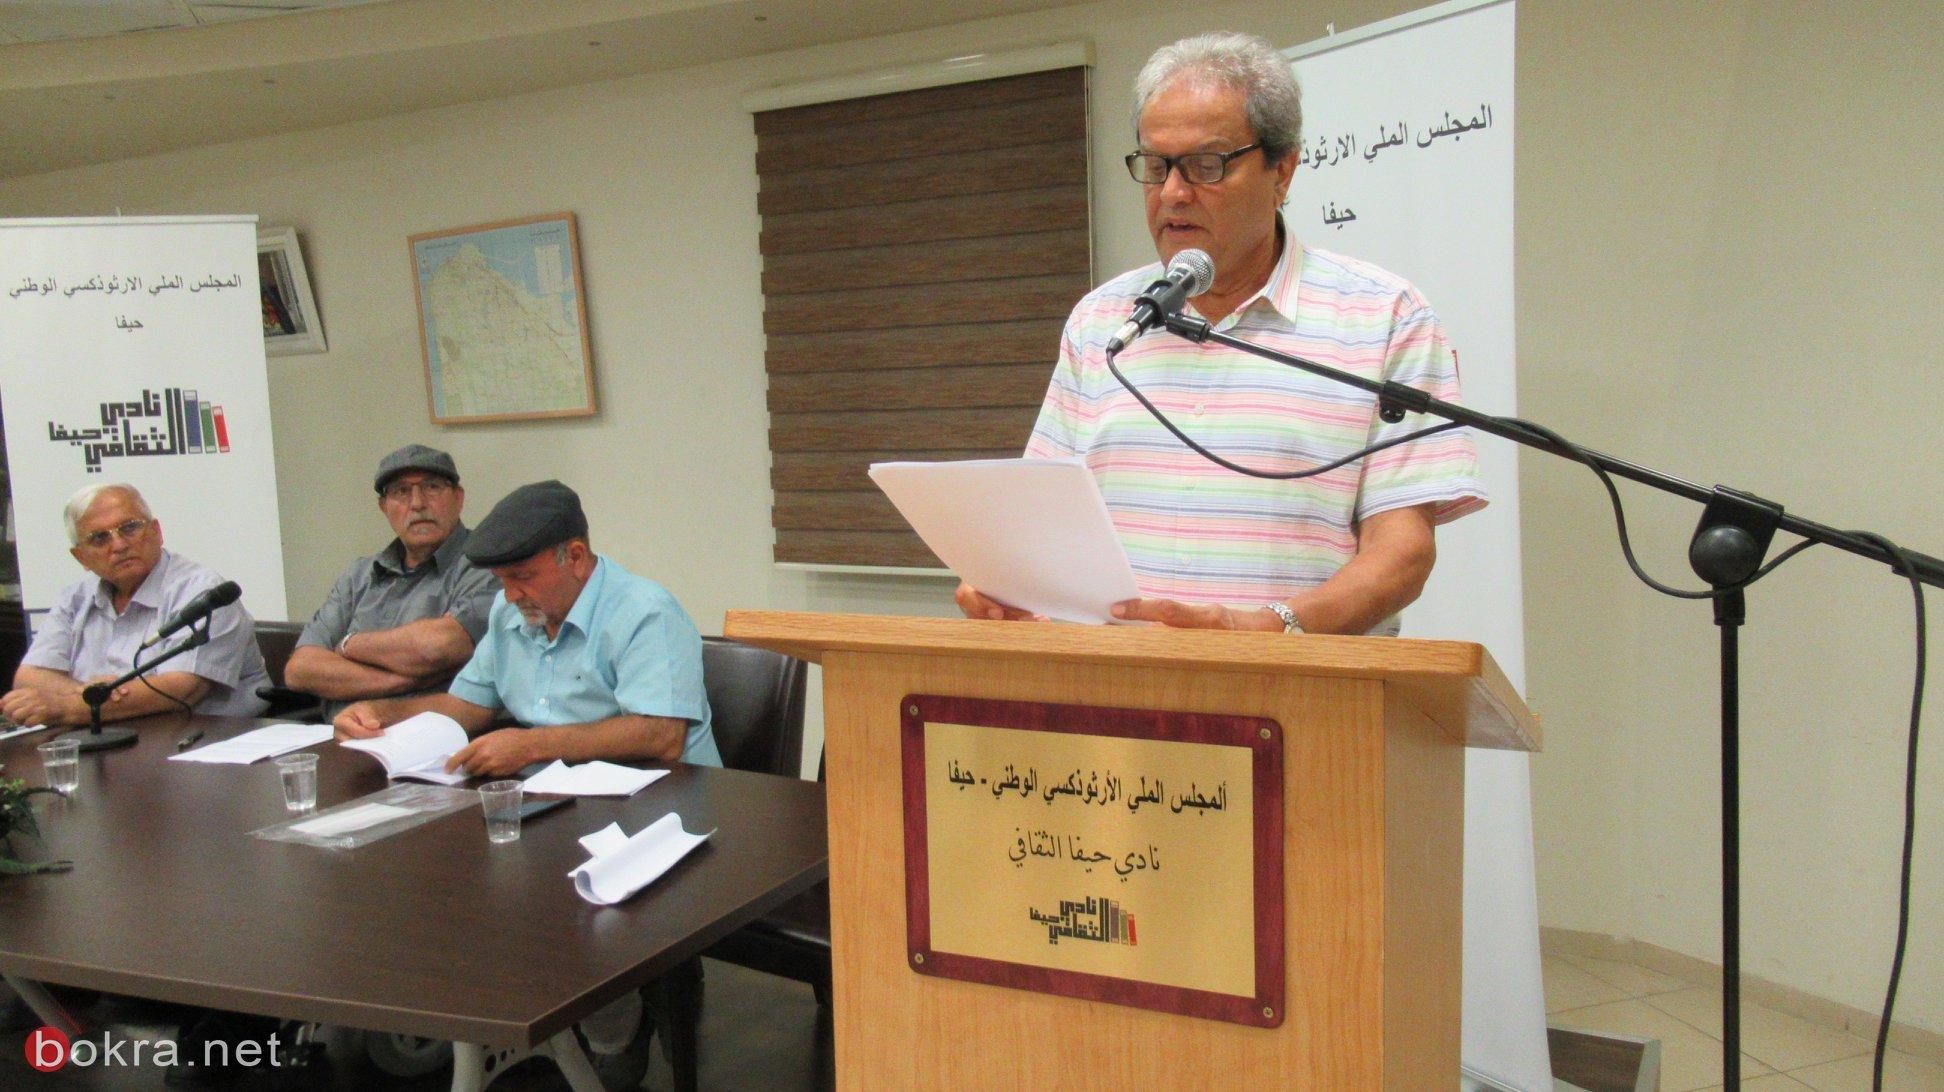 نادي حيفا الثقافي يحتفي بالشاعر والفنان زاهد عزت حرش